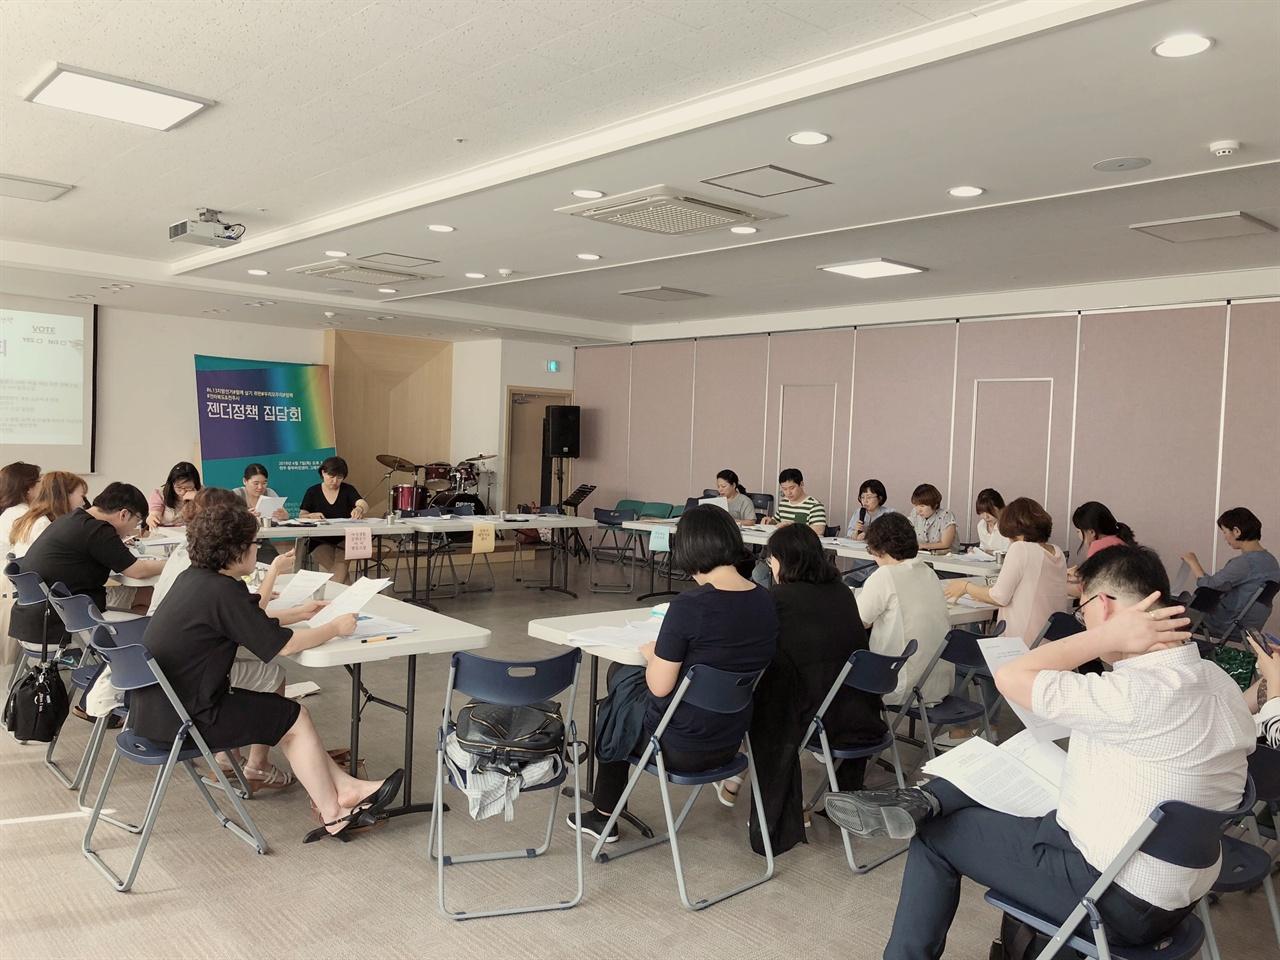 젠더정책 집담회  지난 6월 7일 전주 중부비전센터에서 전북 여성, 시민단체가 참여한 젠더정책 집담회가 열렸다.